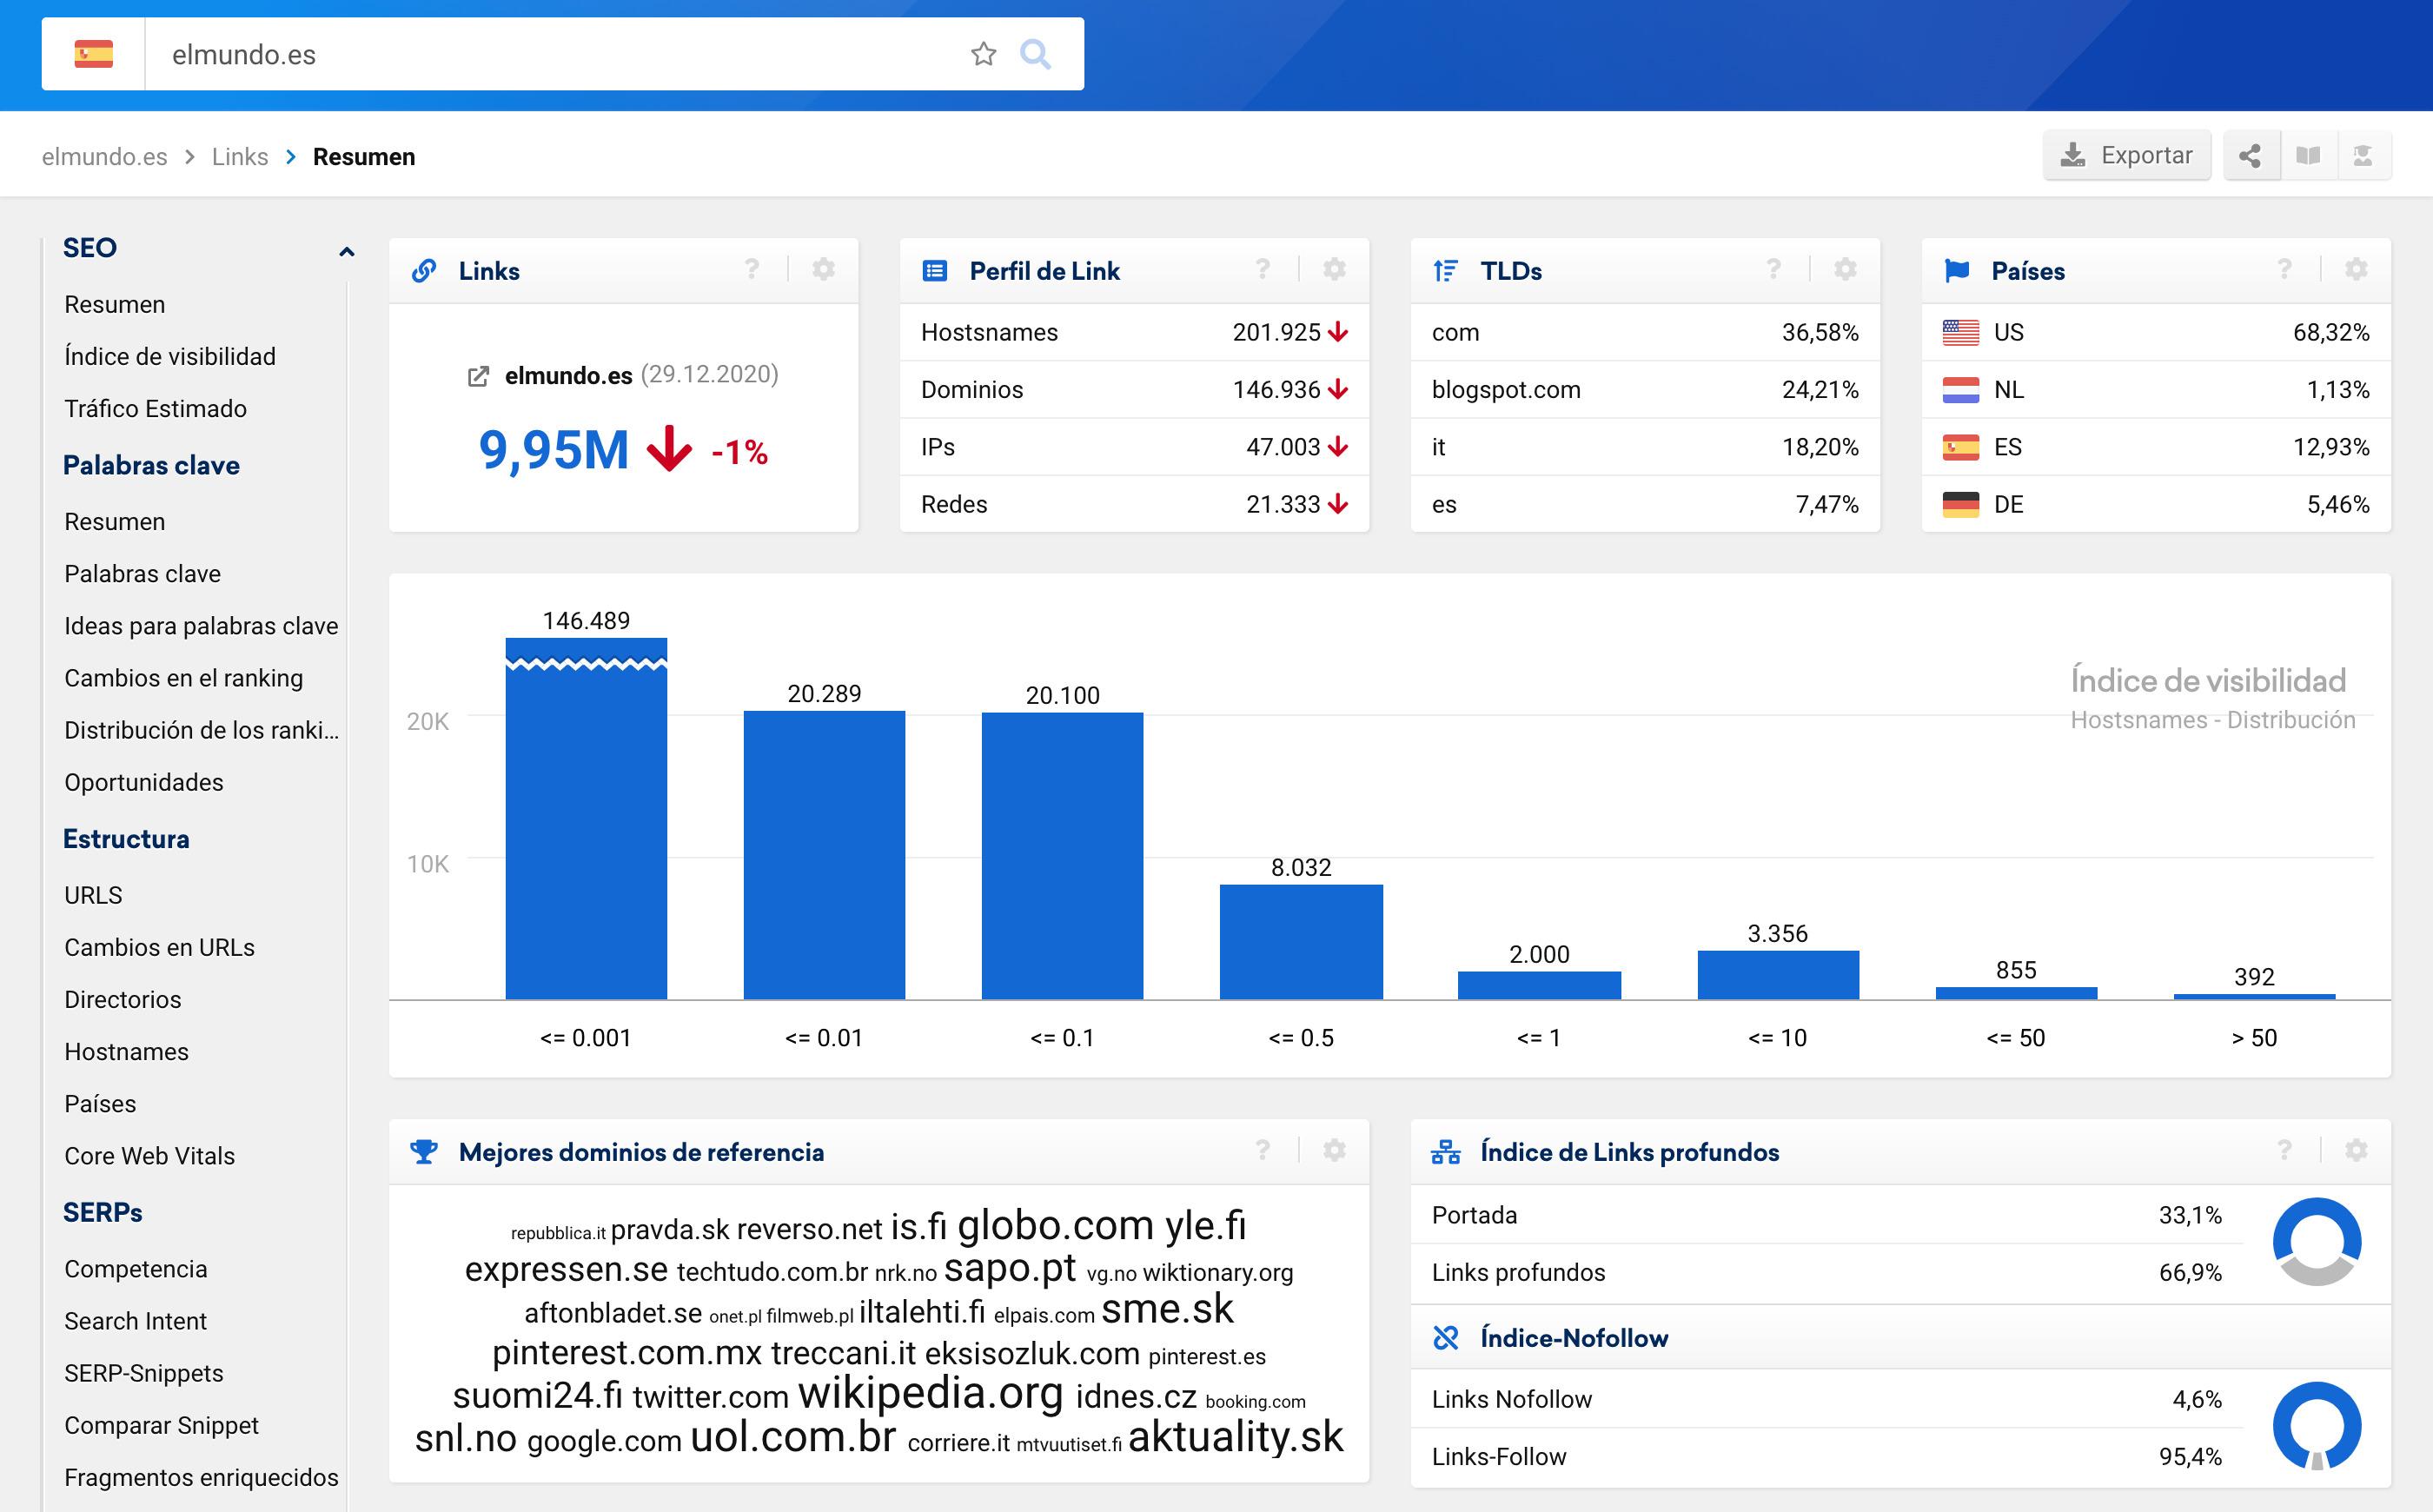 Links follow, con un alto índice de visibilidad de elmundo.es - SISTRIX